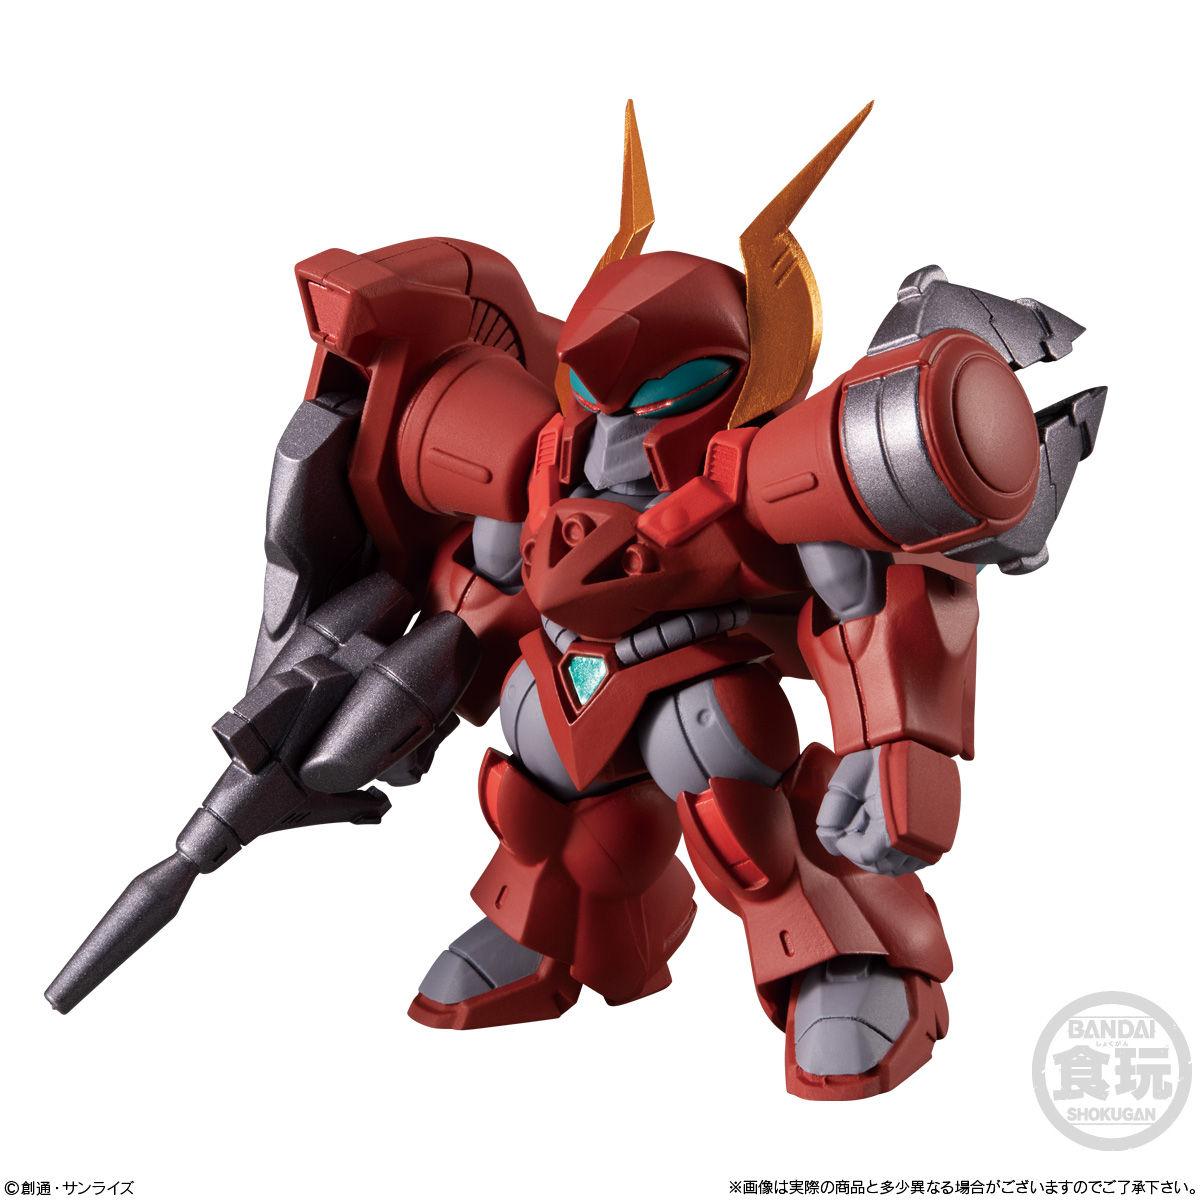 【食玩】機動戦士ガンダム『FW GUNDAM CONVERGE ♯Plus01』デフォルメフィギュア 6個入りBOX-003